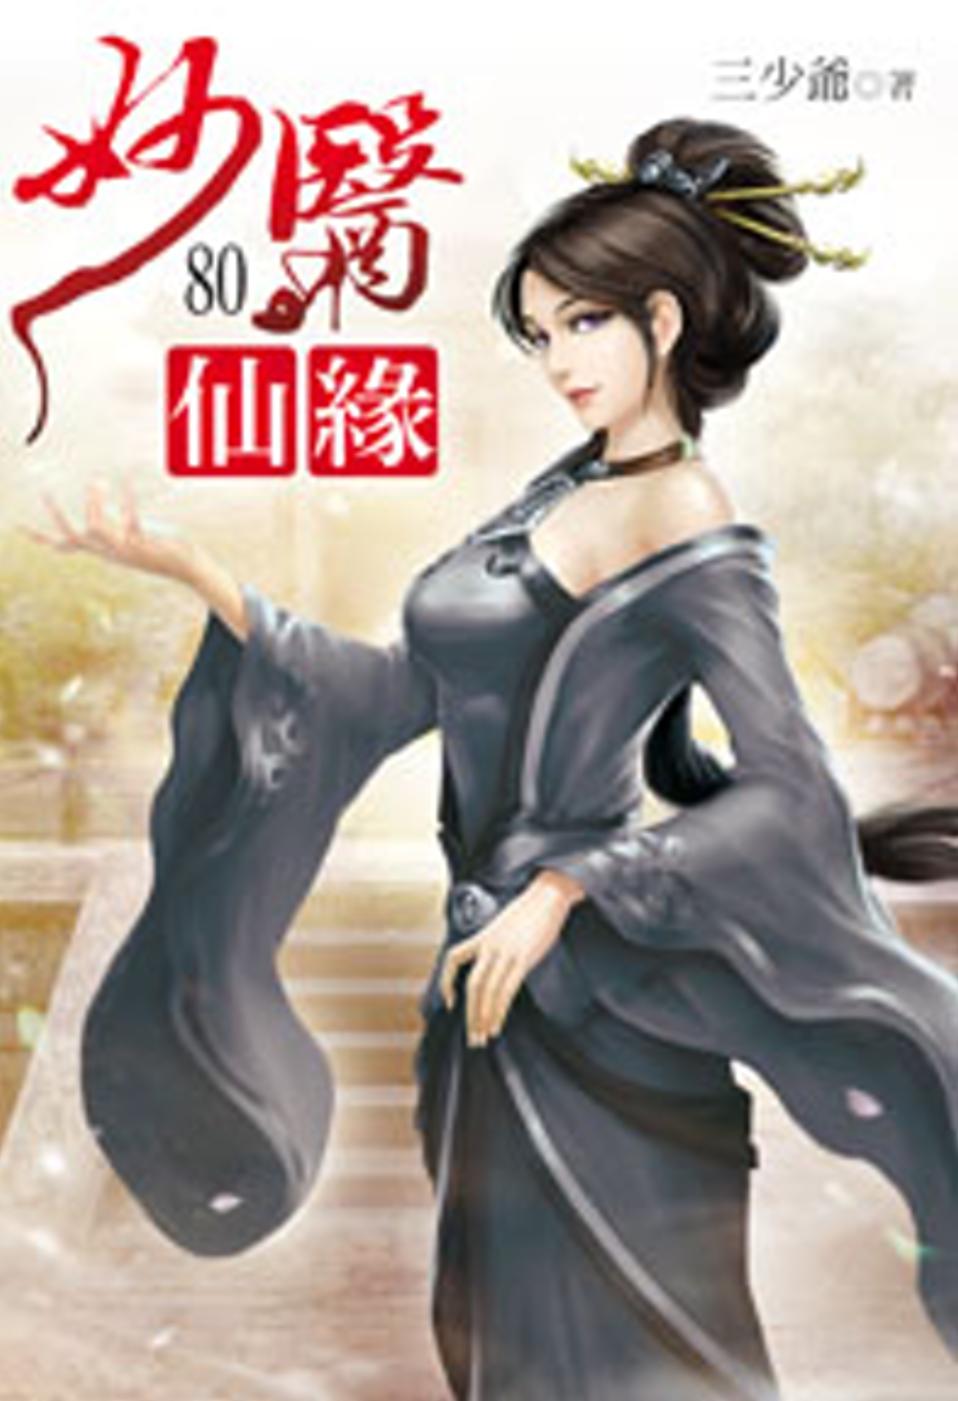 妙醫仙緣80